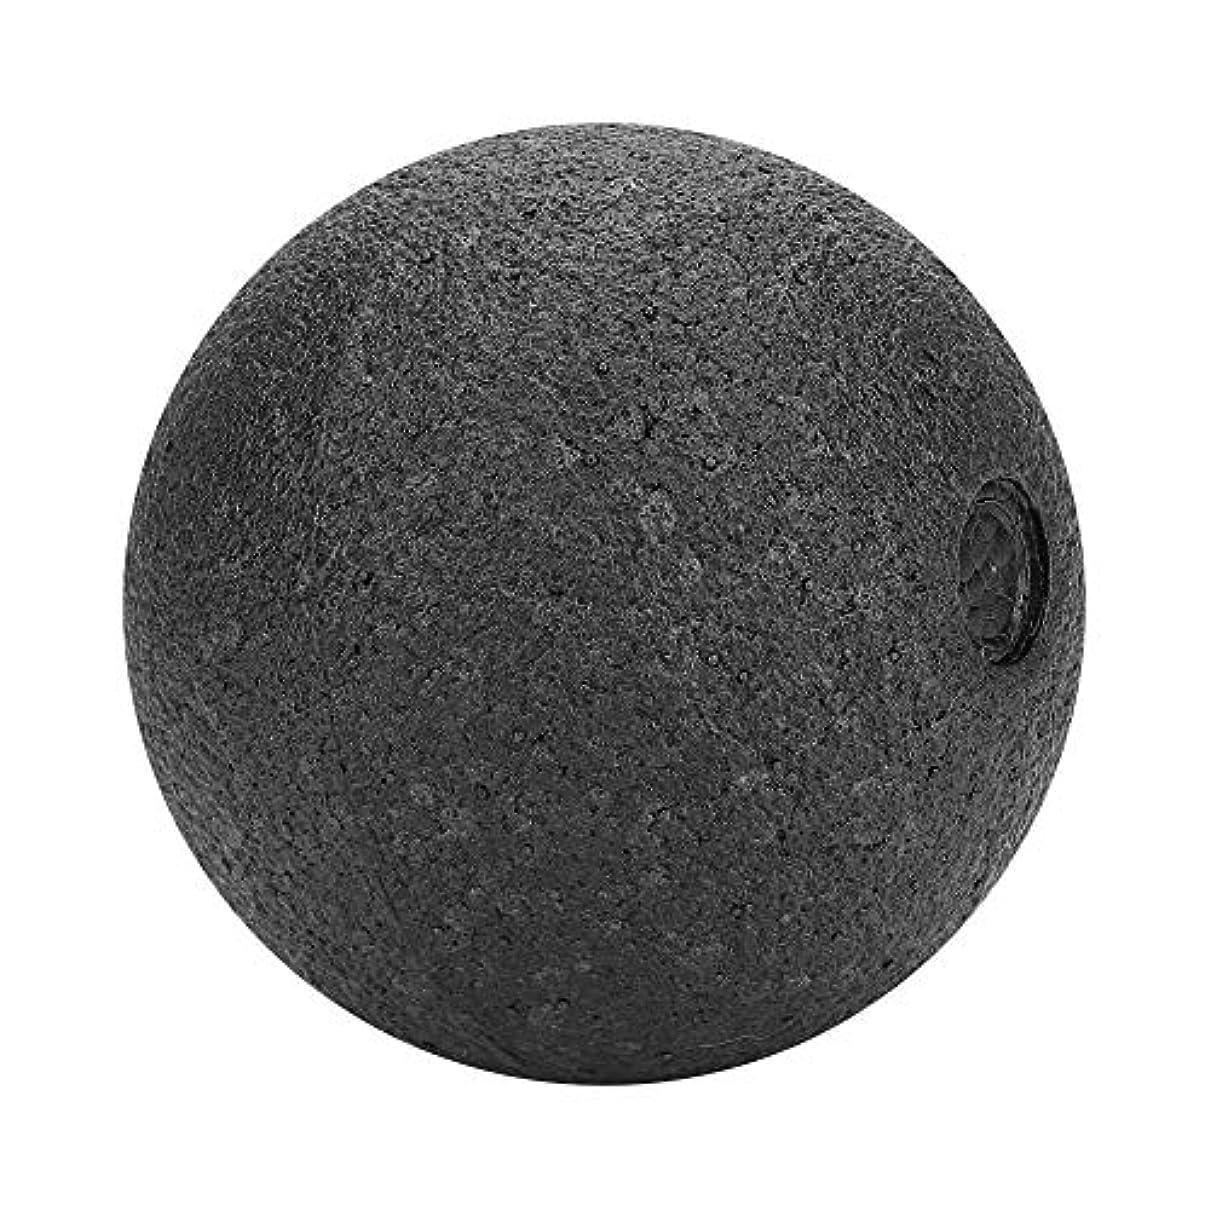 評決規模パラシュートマッサージボール ストレッチボール トリガーポイント マッサージボール 指圧ボールマッスルマッサージボール、首 腰 背中 肩こり 足裏 ツボ押しグッズ 疲労回復 むくみ解消